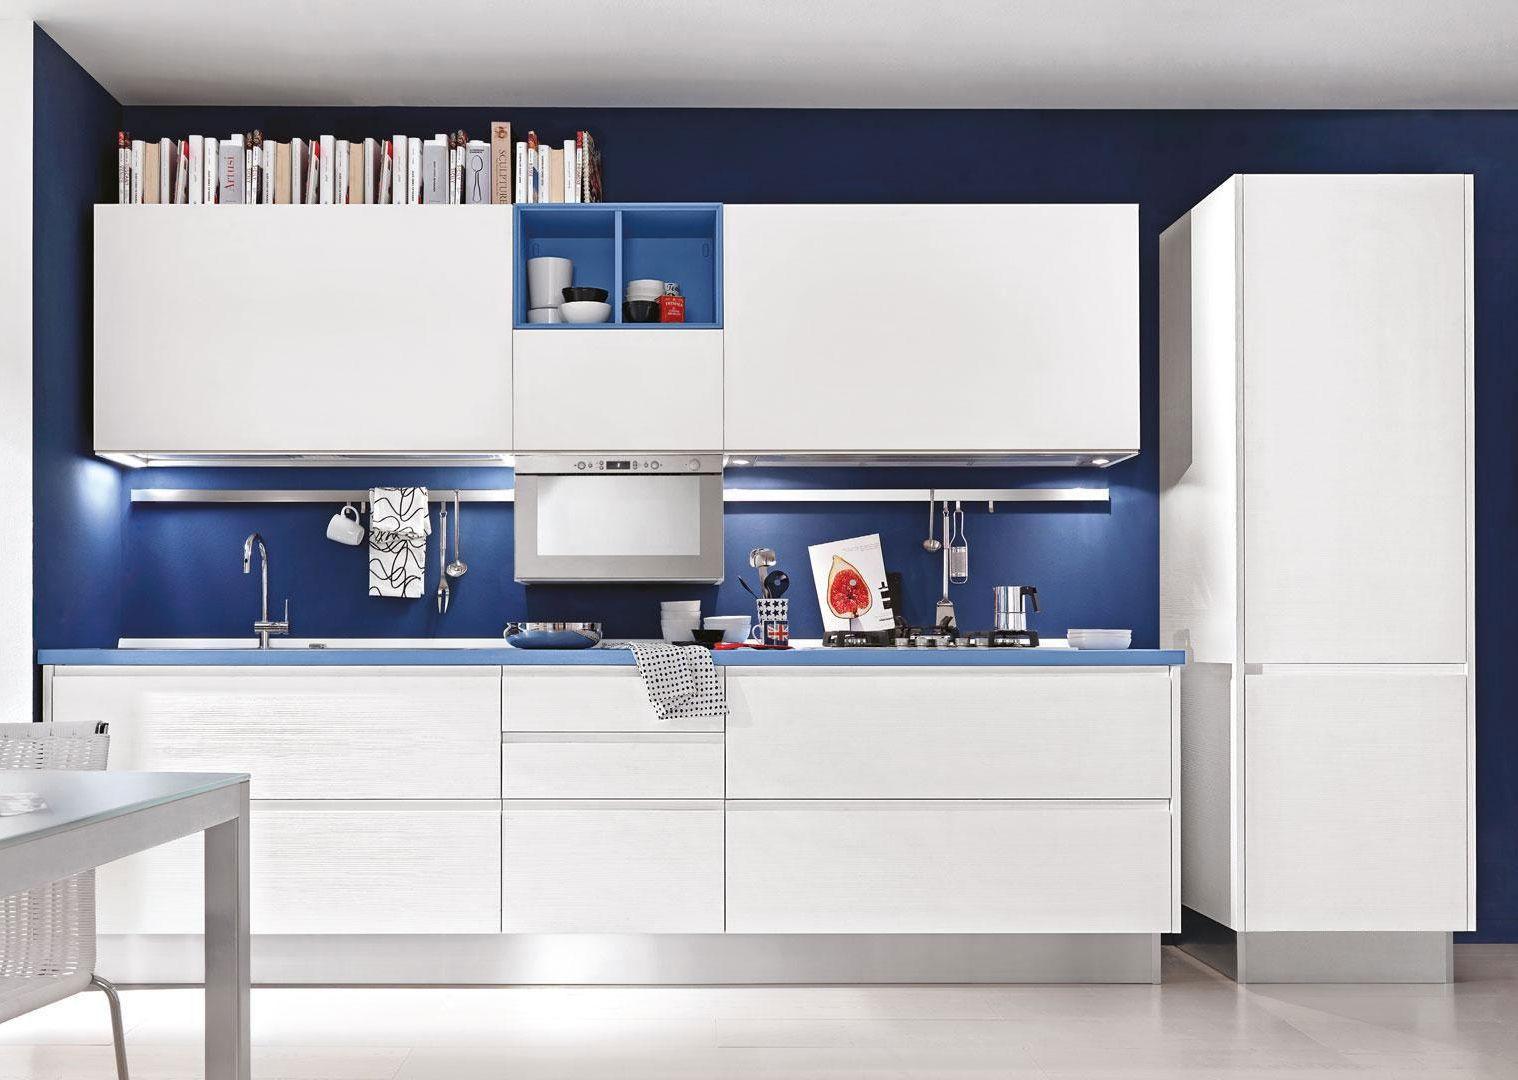 Tolle Küchendesigner Los Angeles Ca Bilder - Ideen Für Die Küche ...